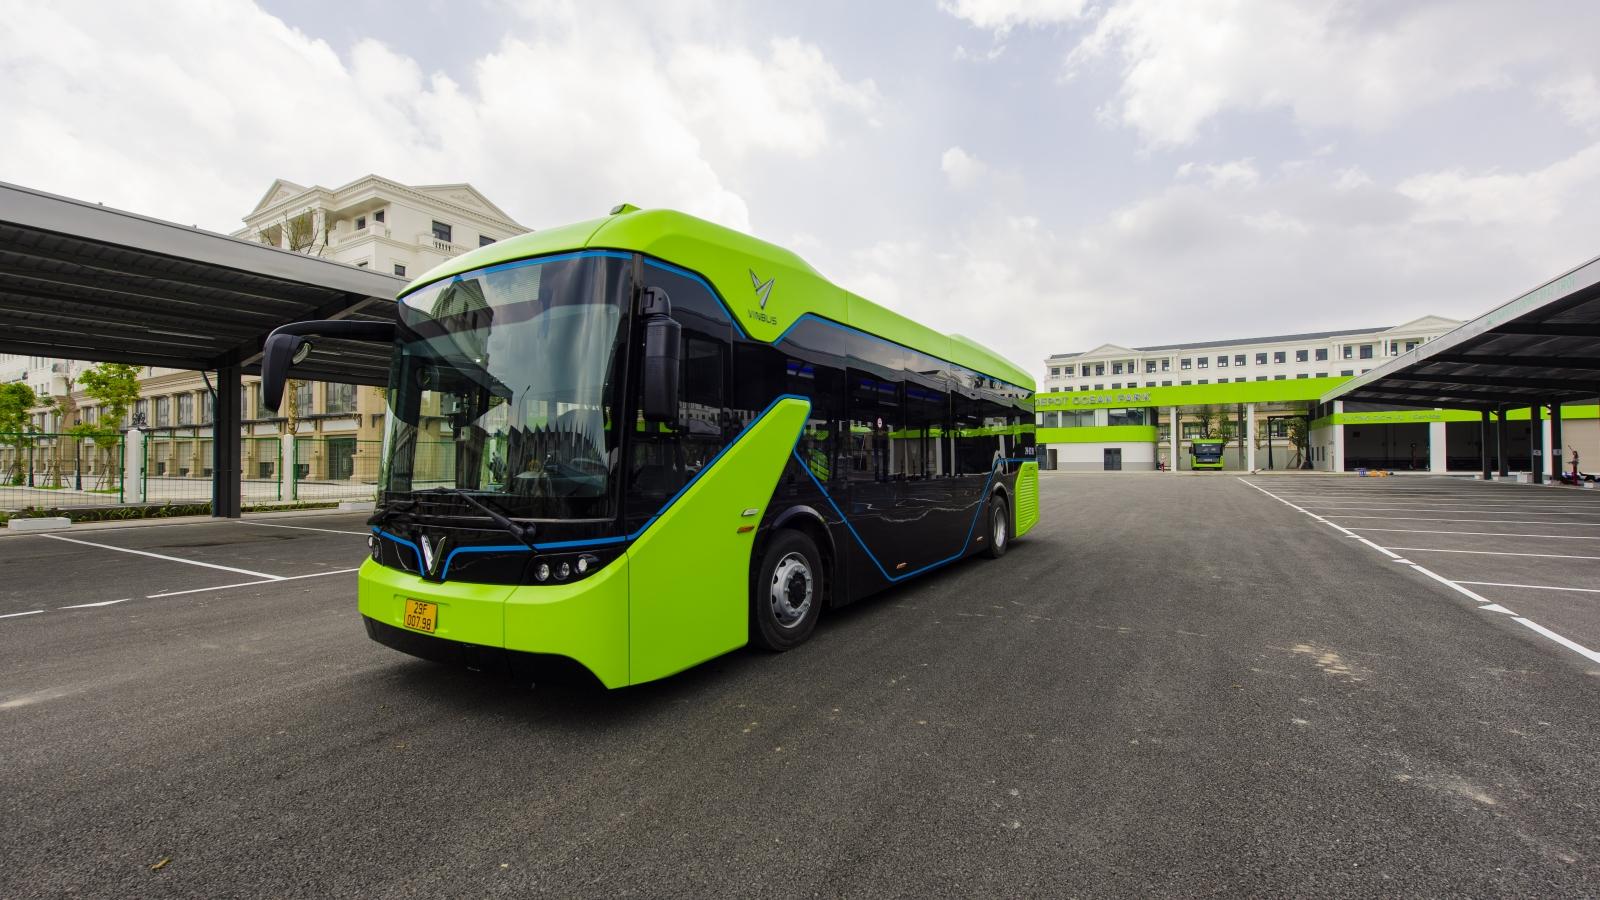 Chính thức vận hành xe buýt điện thông minh đầu tiên tại Việt Nam